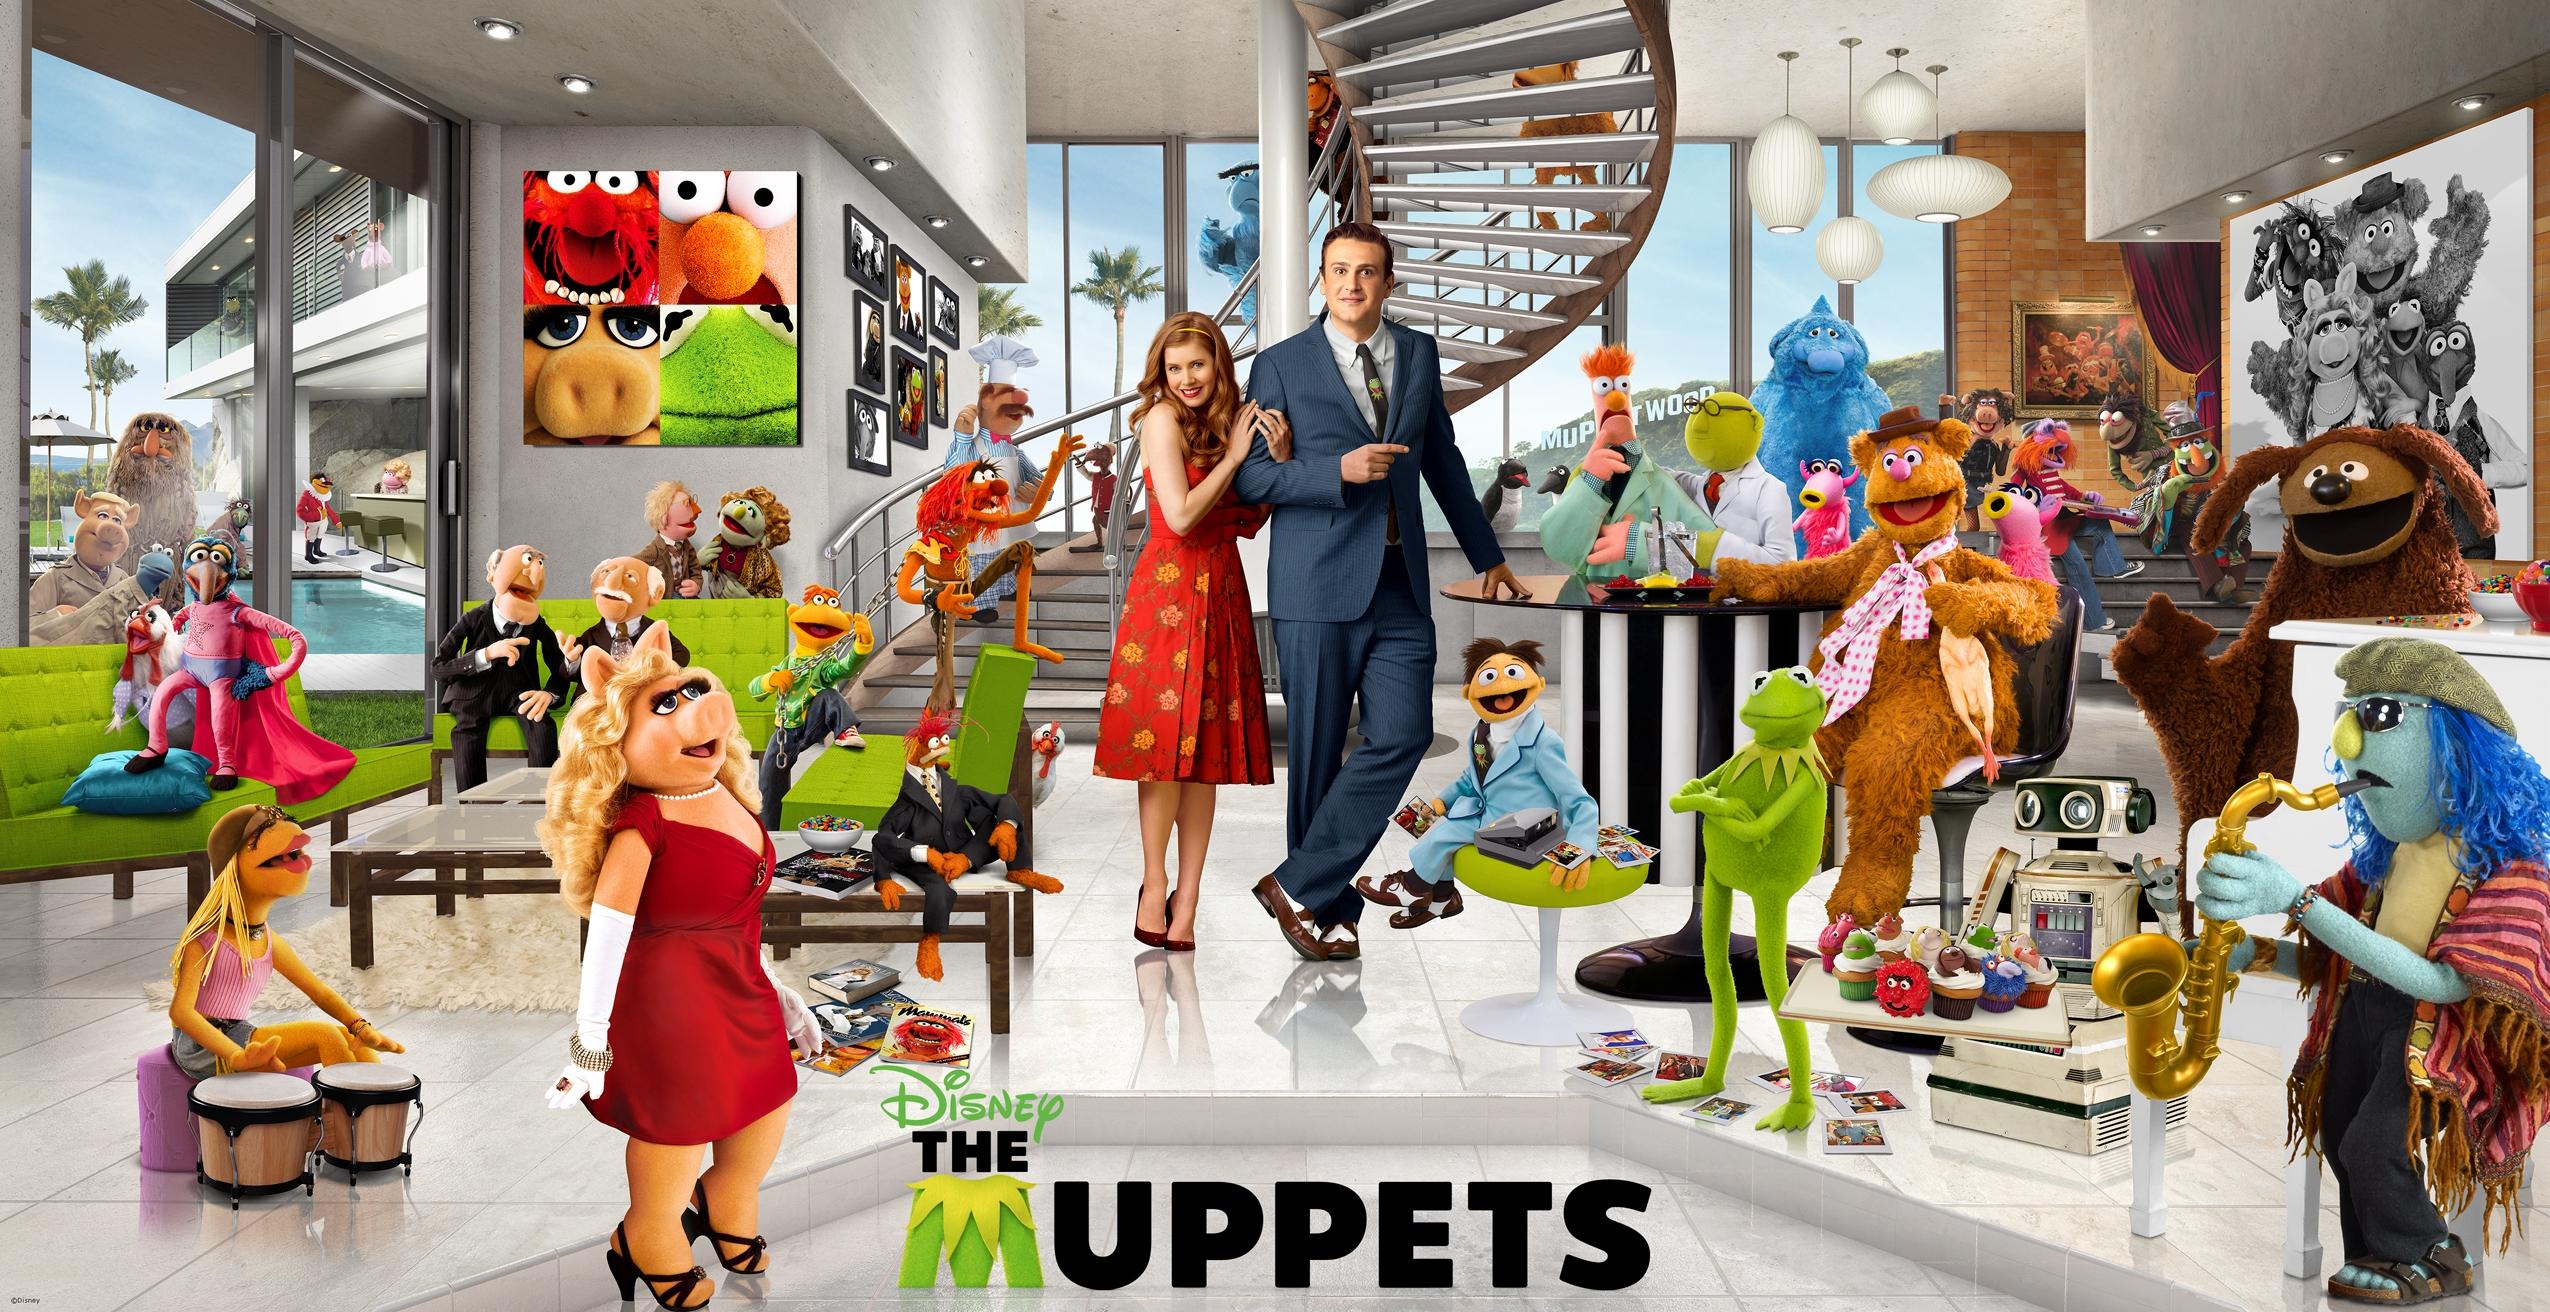 [Disney] Les Muppets, le Retour (2011) - Page 3 The-Muppets-poster-2